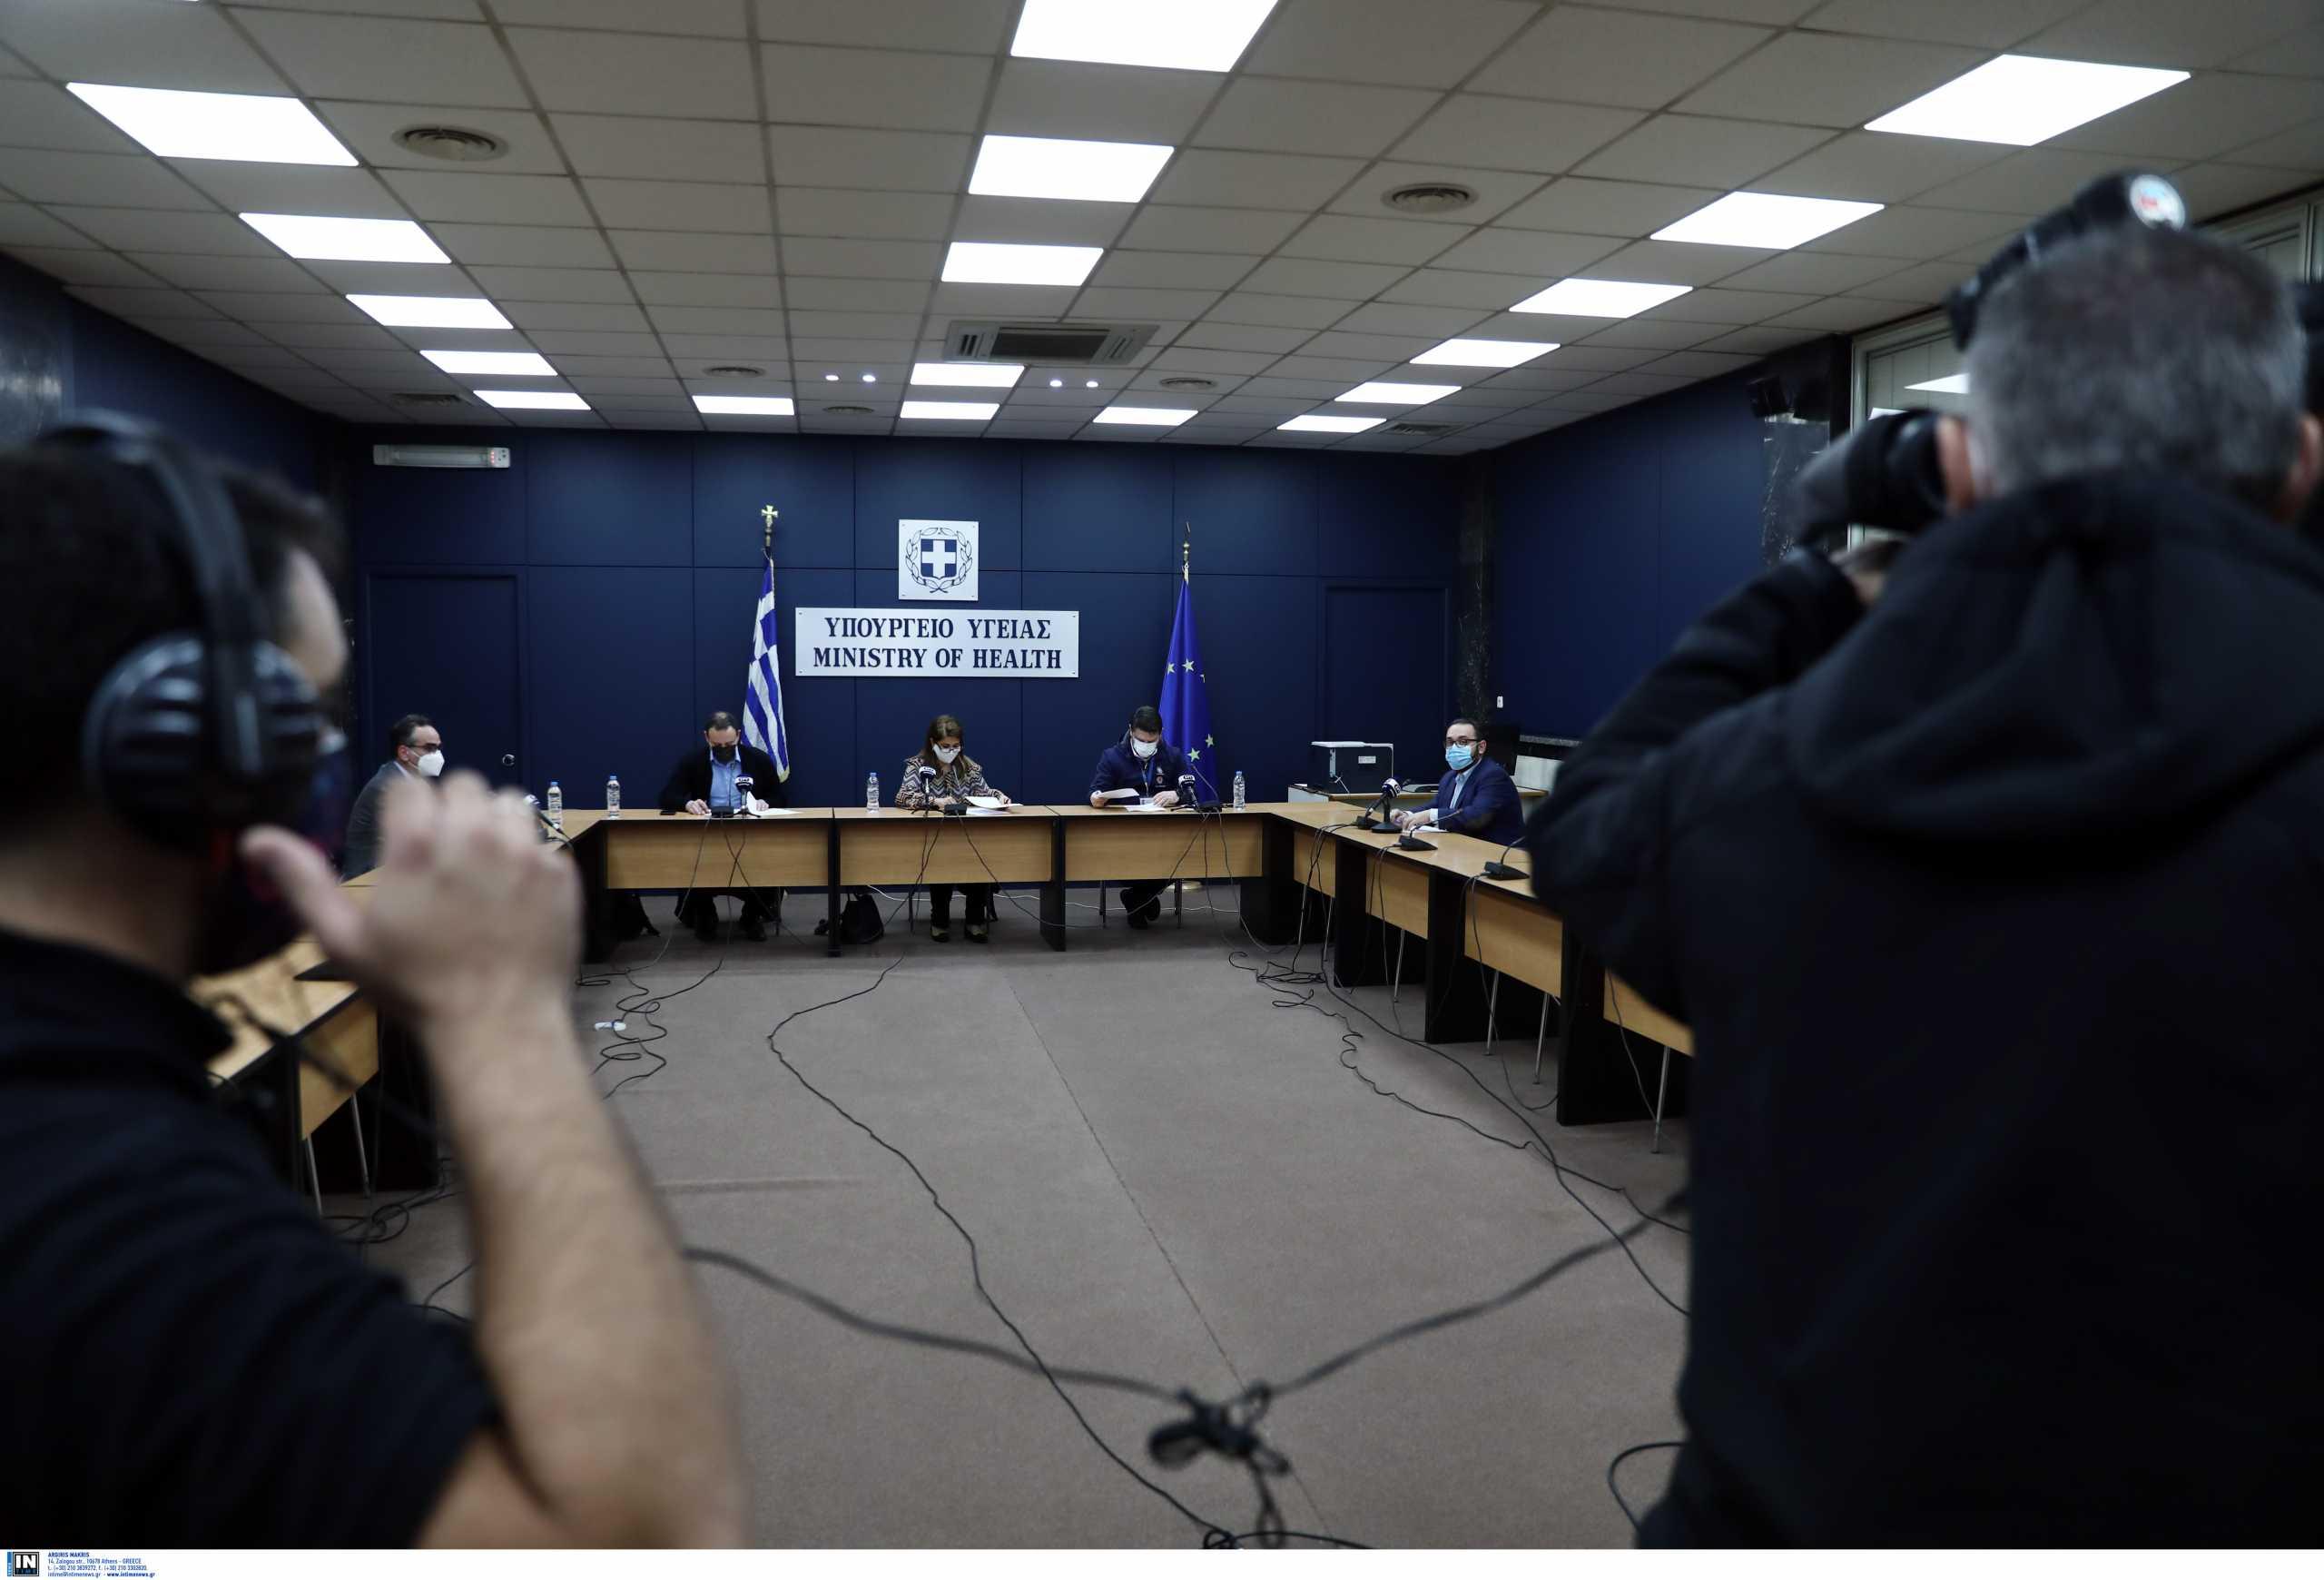 Κορονοϊός: Όλες οι ανακοινώσεις για σχολεία, ψάρεμα, κυνήγι - Παραμένει το lockdown για μια εβδομάδα